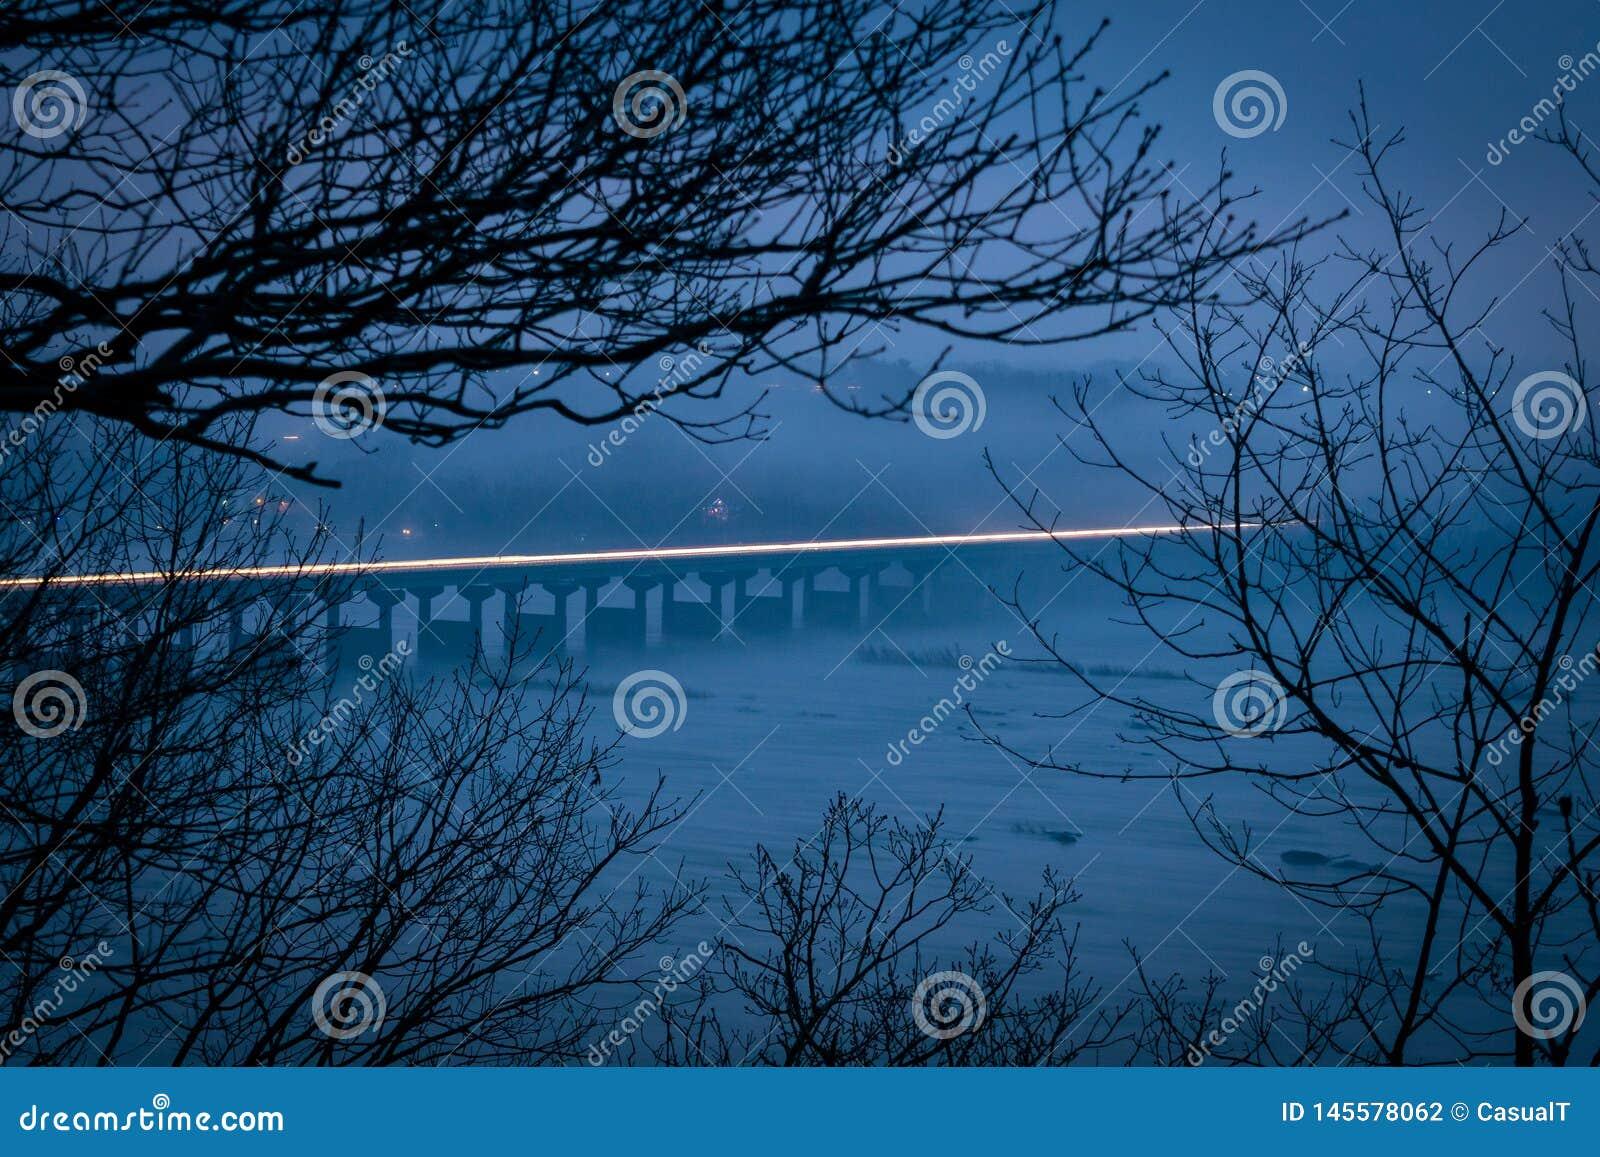 Rastro ligero a través del puente del río Susquehanna, sobre las horas de igualación en un día brumoso y de niebla, el condado de